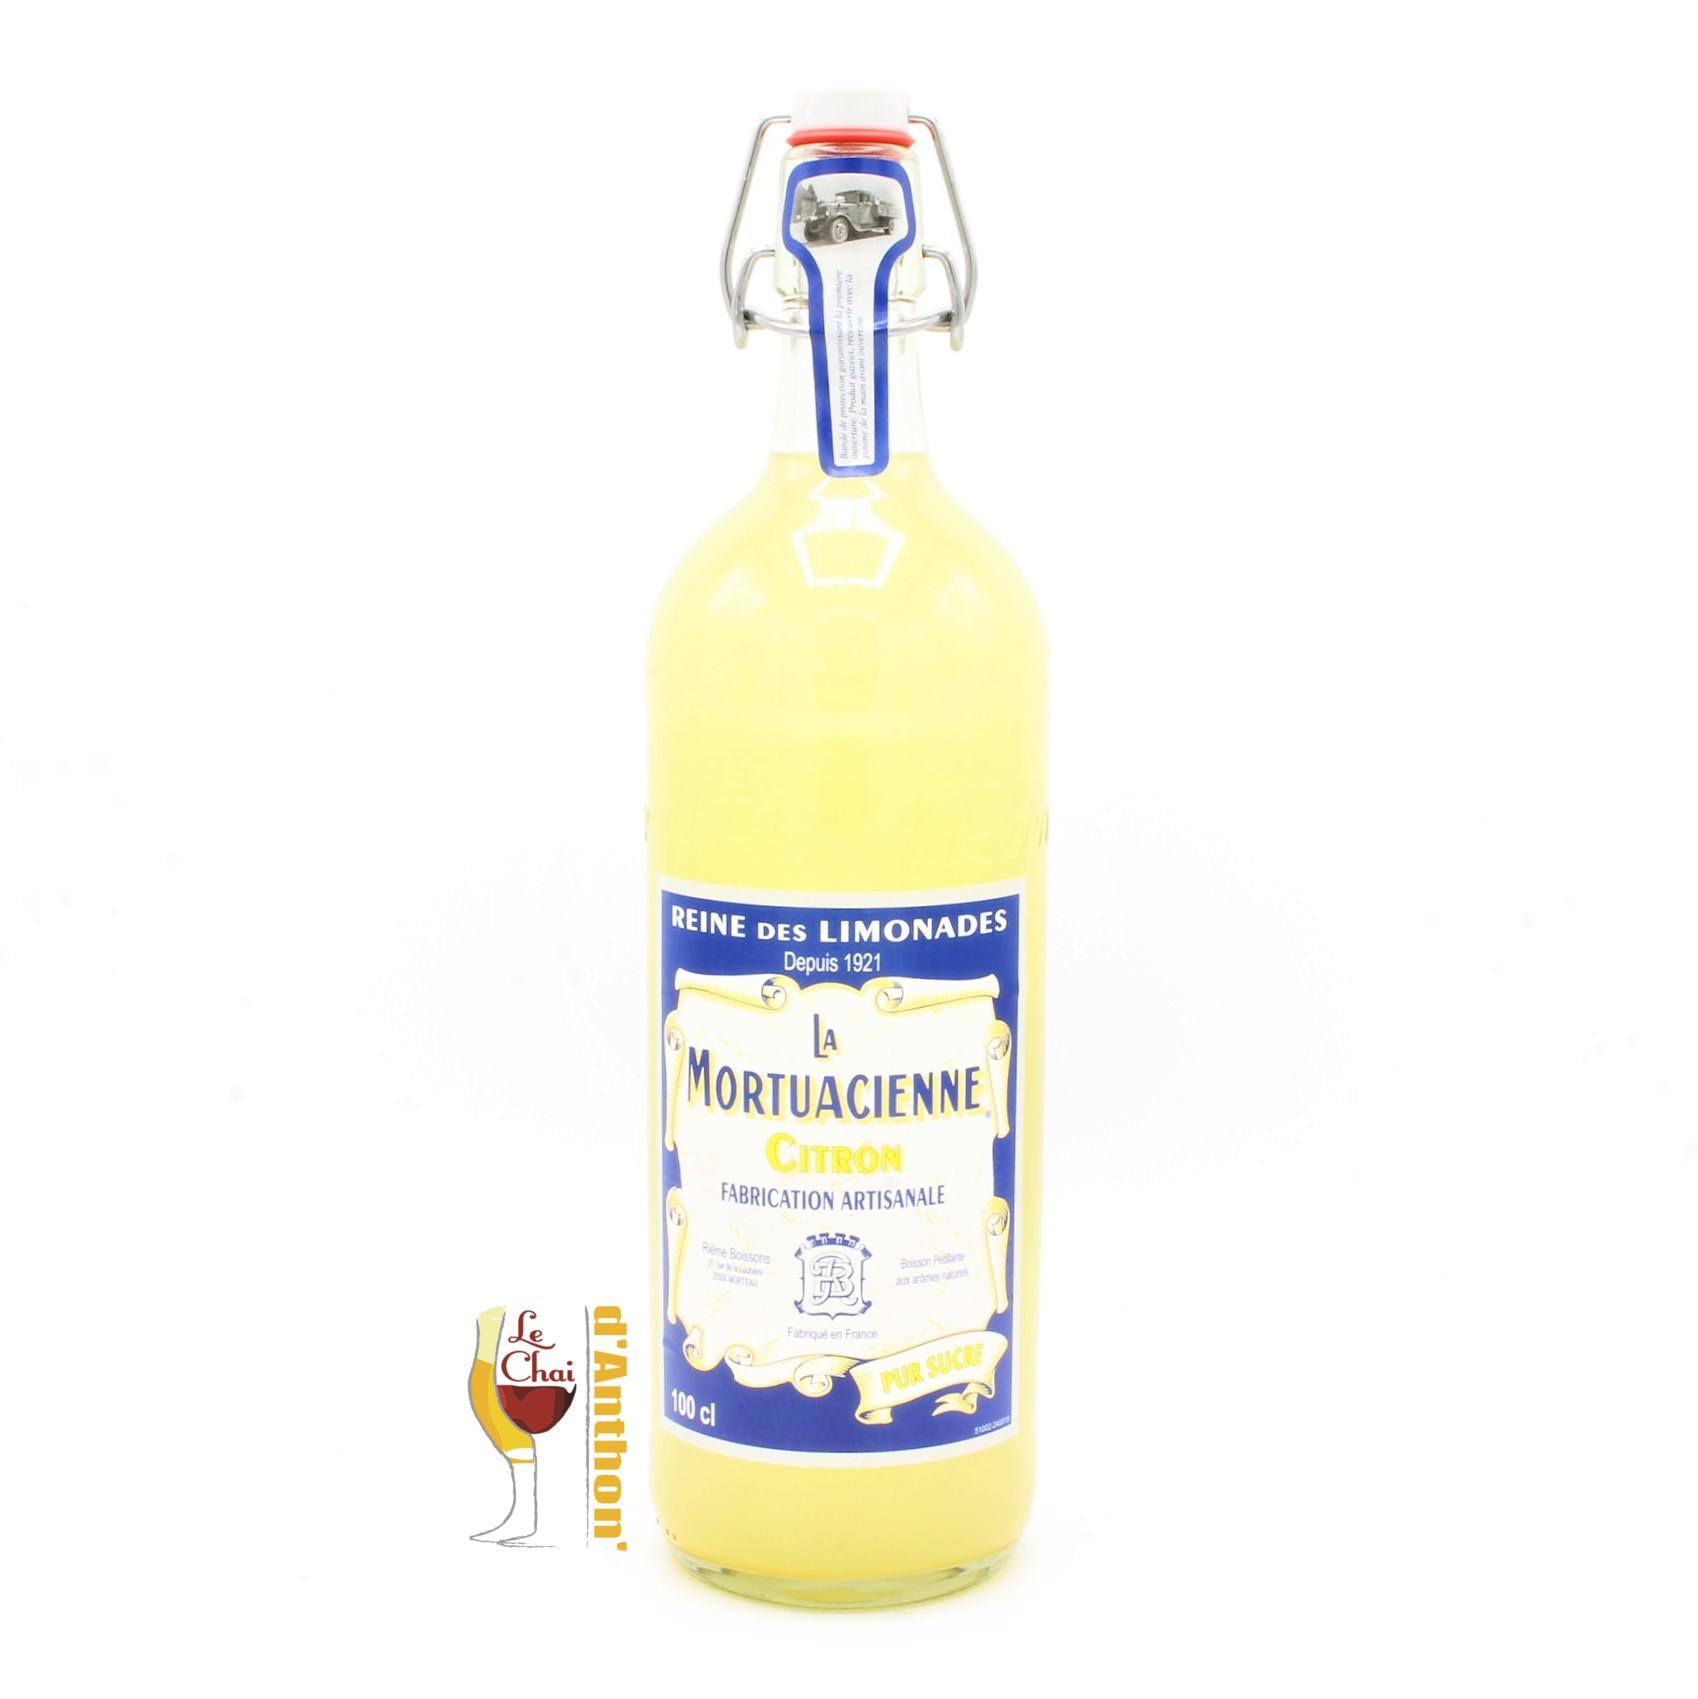 Le Chai D&879.JPG039;Anthon Limonade Reine La Mortuacienne Pur Sucre 1l 33cl Fabrication Artisanale Citron 879